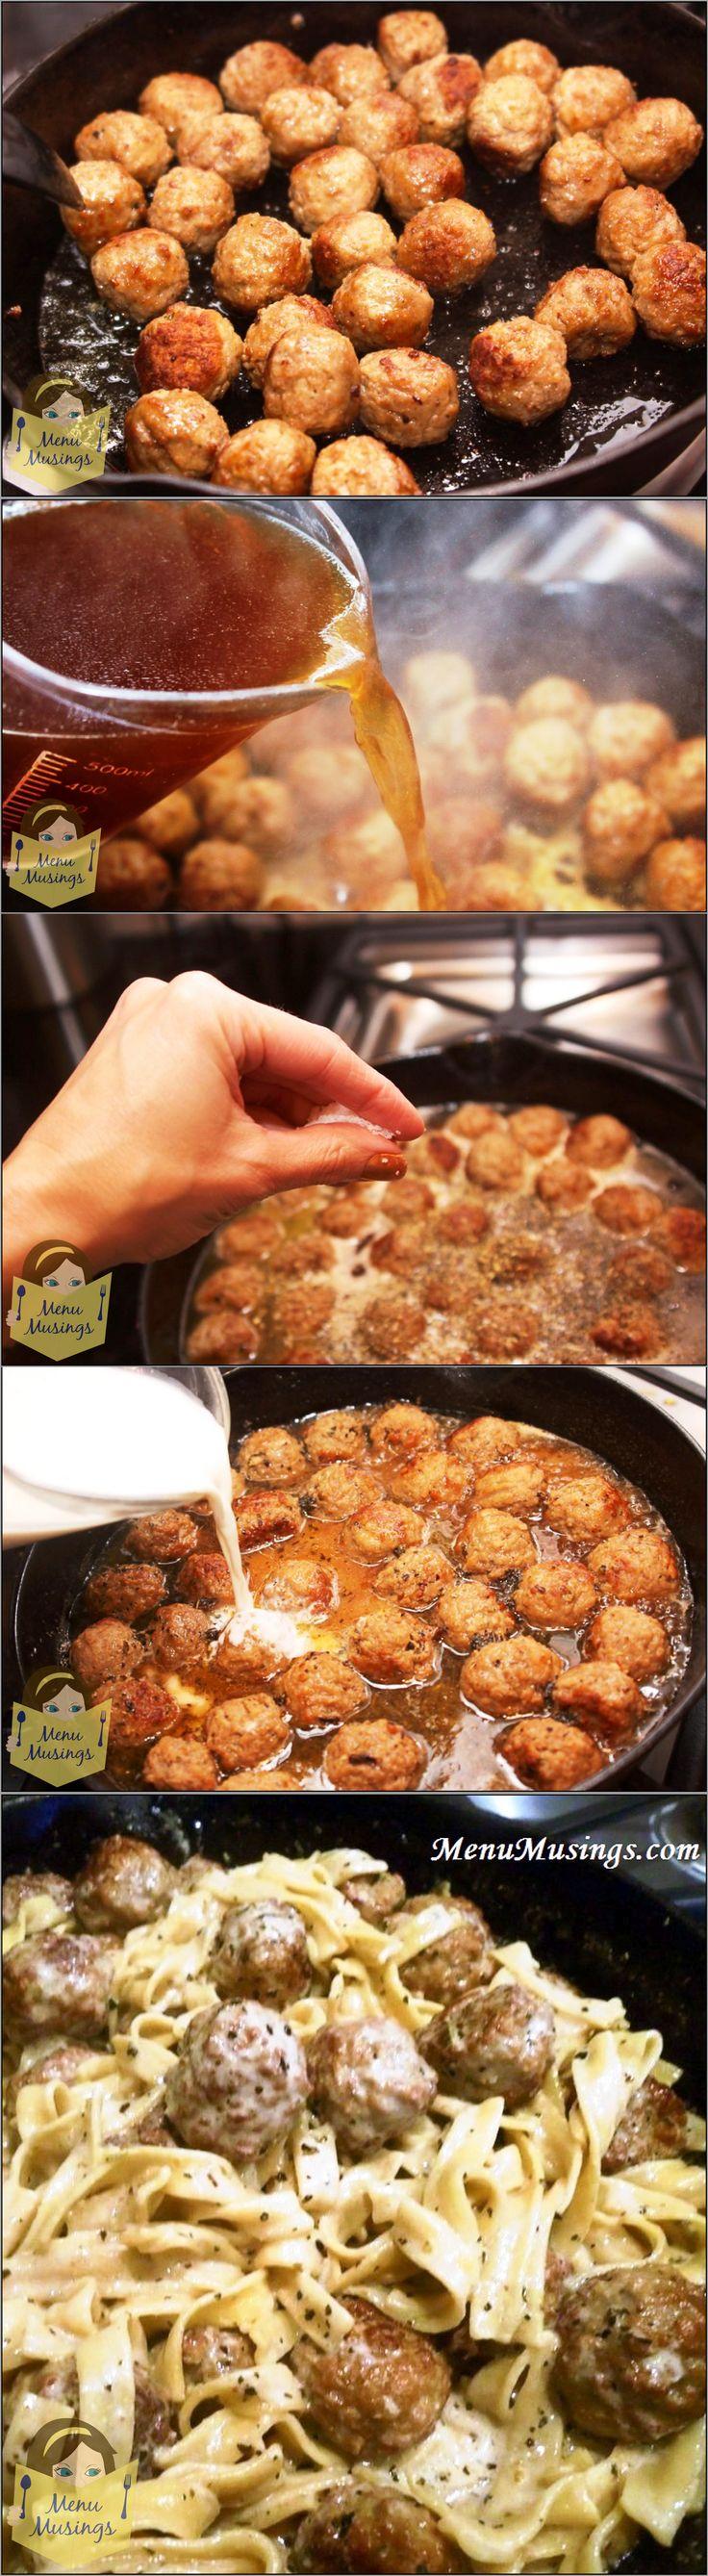 Na oleji osmaž dozlatova kuličky z mletého masa, pak přidej asi 2 šálky hovězího vývaru a přiveď k varu. Přidej se solí a pepřem sušené bylinky (petržel, oregano, bazalka) . Povař a přidej asi 2/3 šálku zakysané smetany a šálek tekuté smetany. Mezitím uvař v samostatném hrnci široké nudle a přidej je do vařící omáčky. Krátce povař.